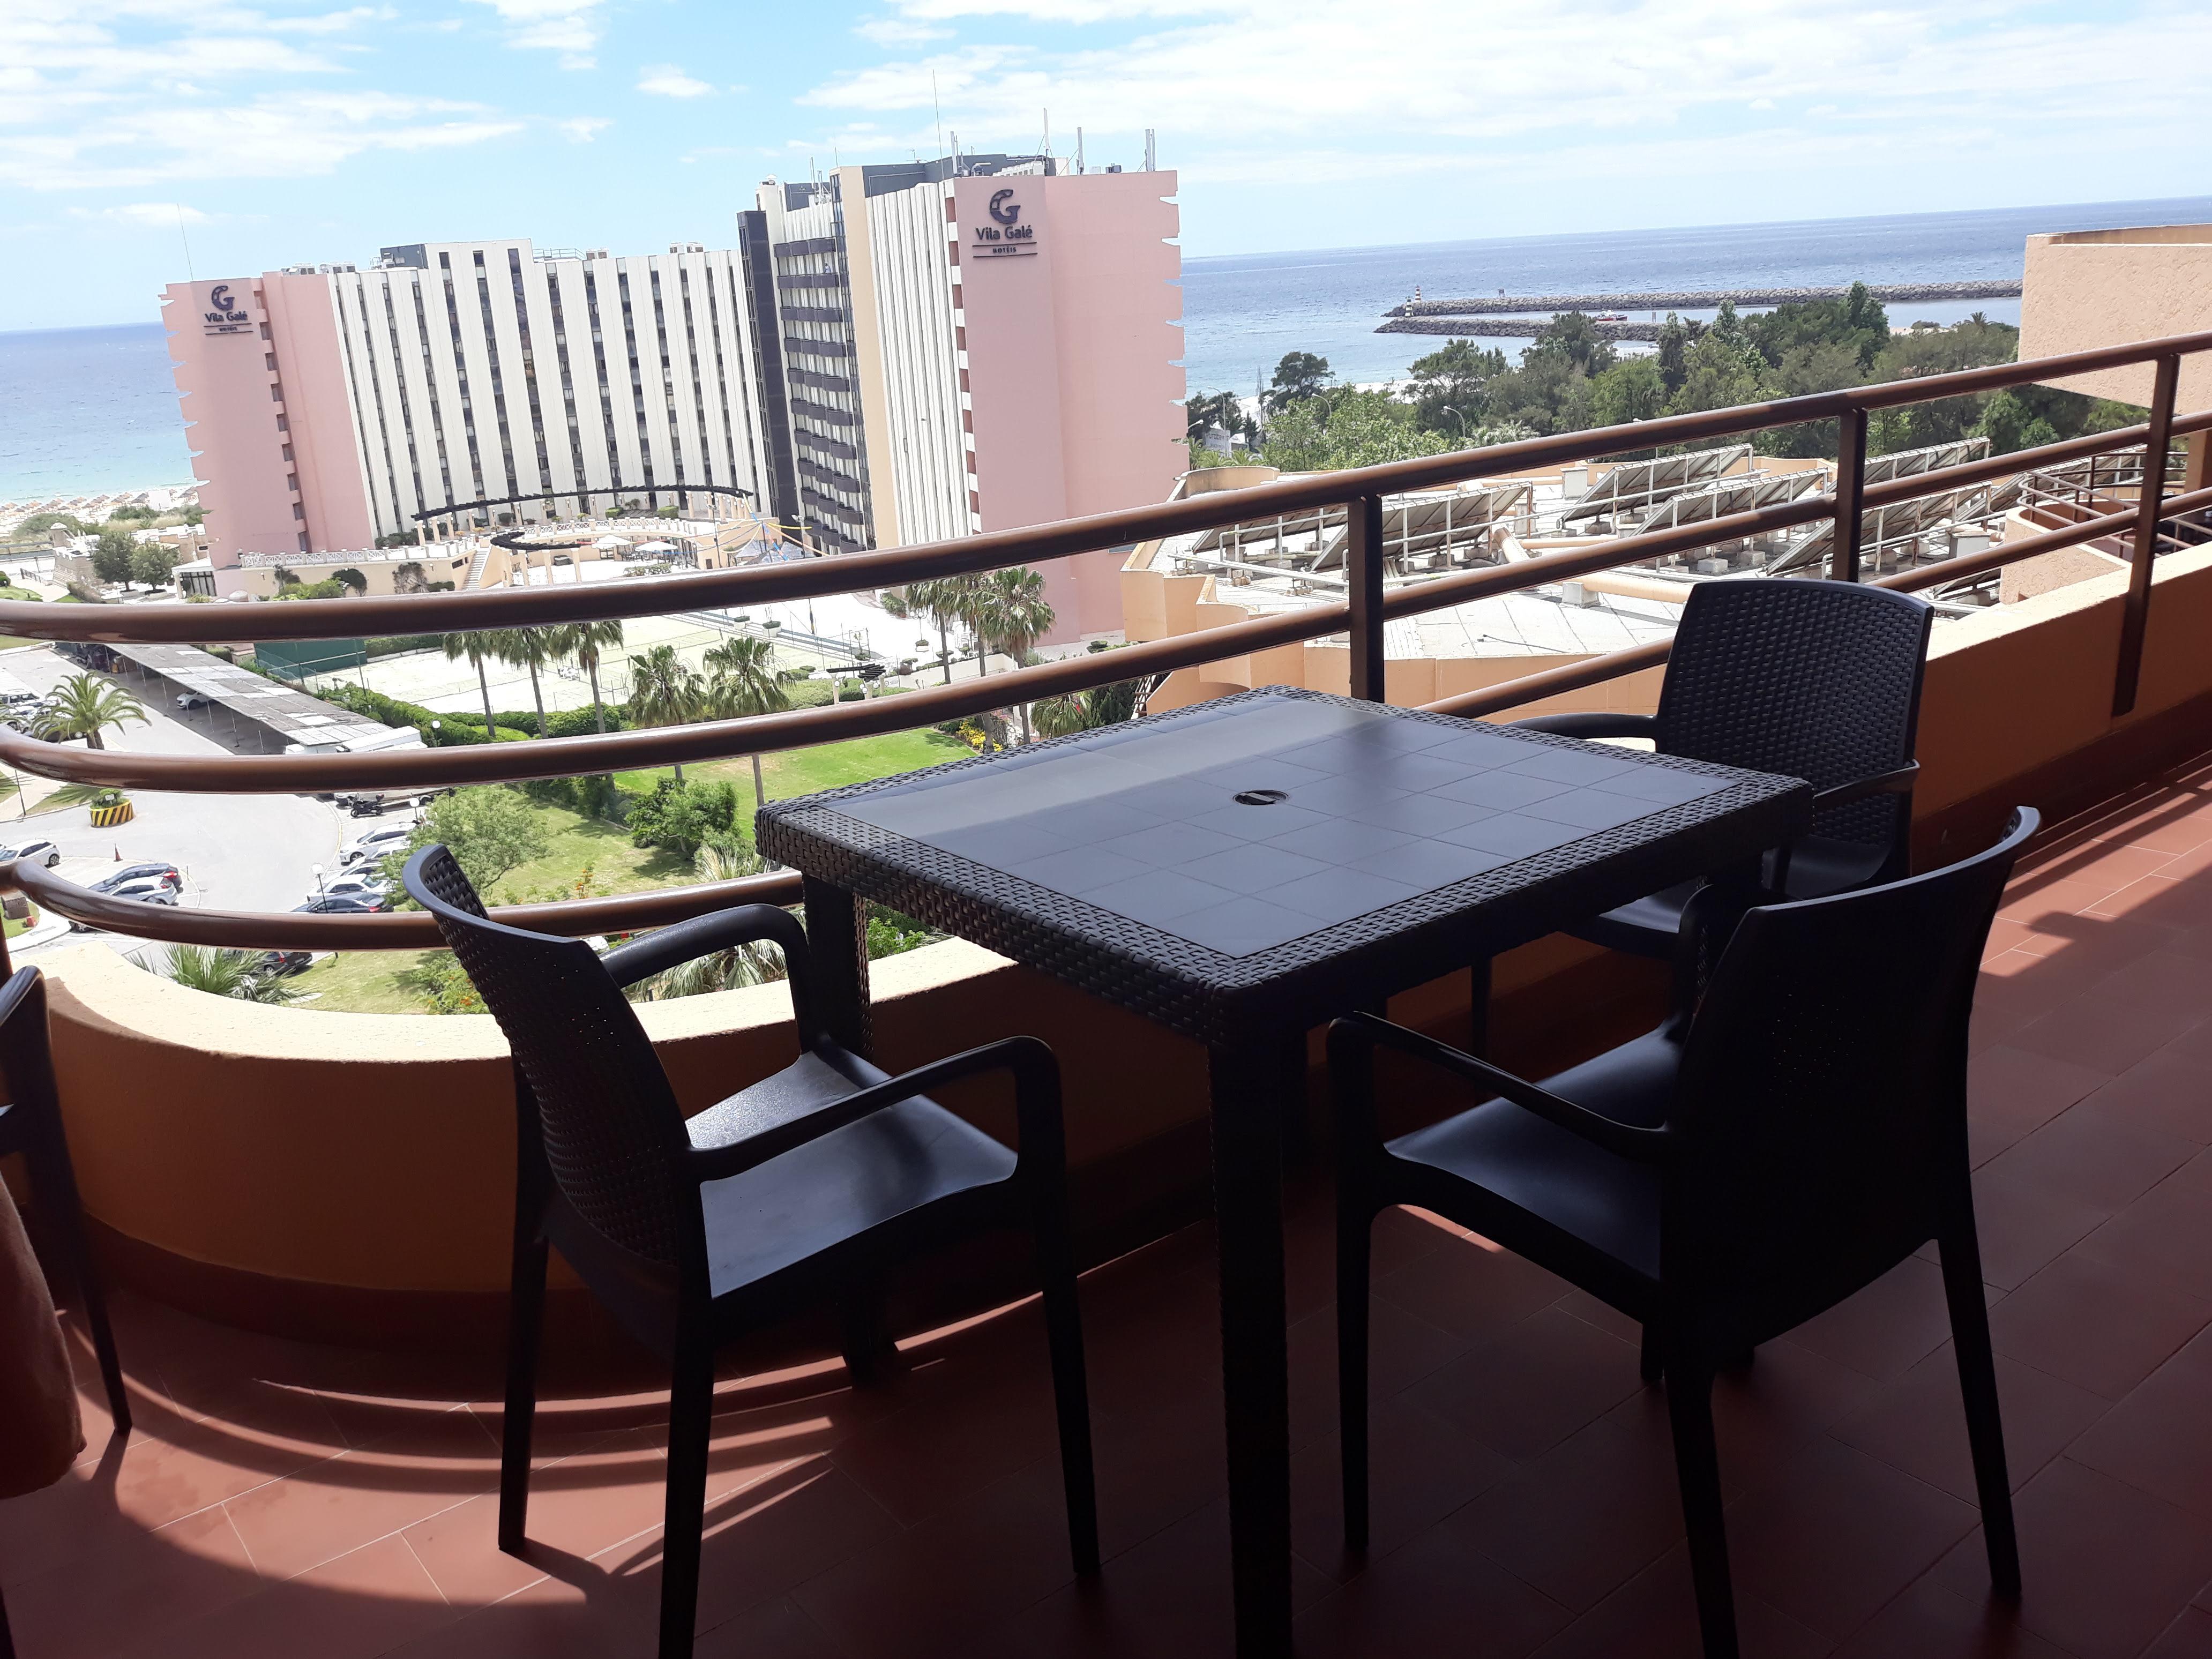 Holiday apartments and villas for rent, T1 in Hotel Dom Pedro Portobelo 4 ****, in Vilamoura in Vilamoura, Portugal Algarve, REF_IMG_4276_7666